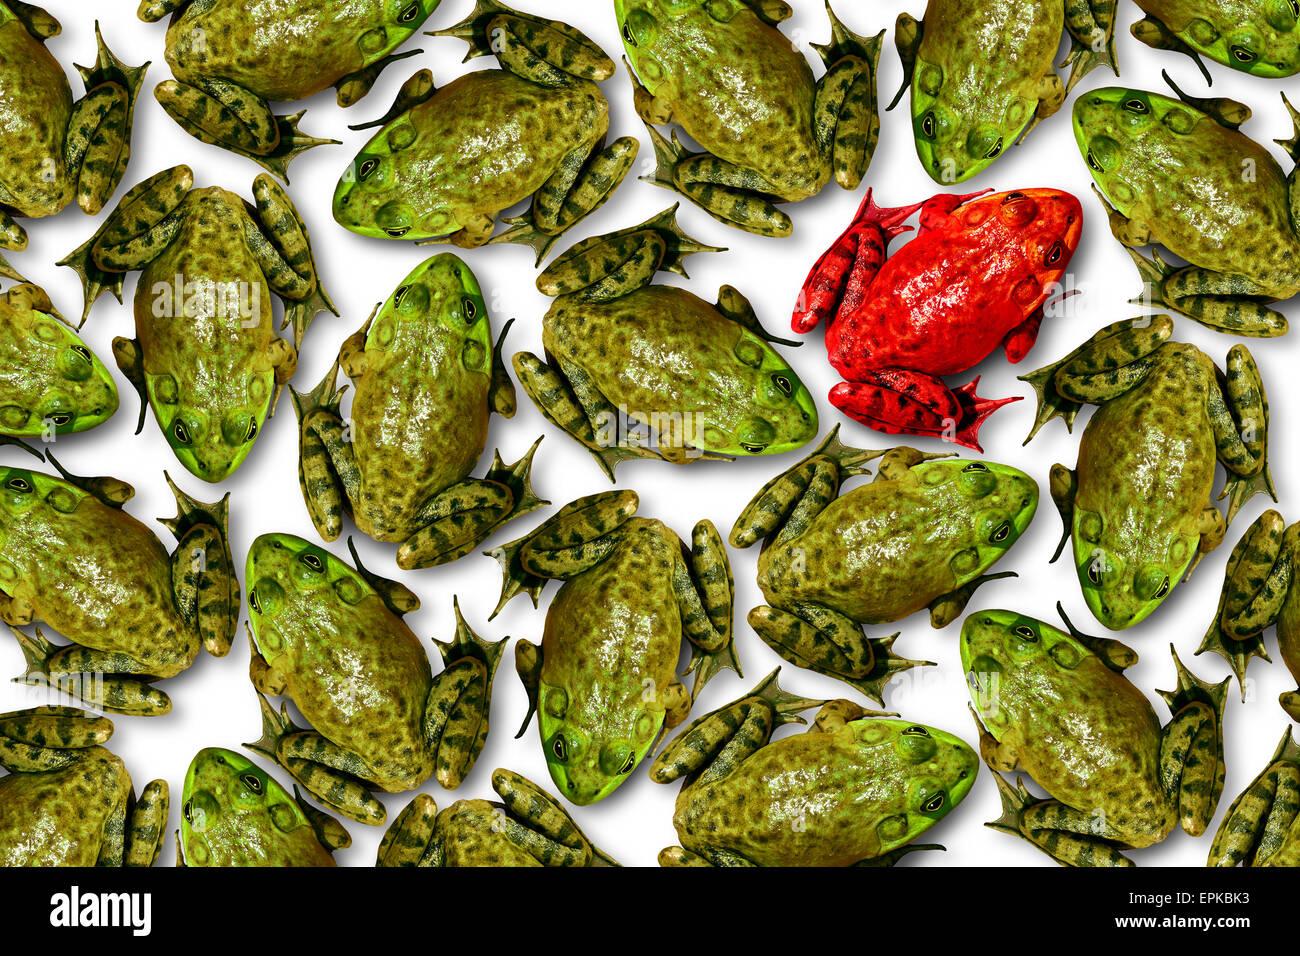 Individualität-Konzept als eine Gruppe von grünen Frösche mit einer einzelnen rote Frosch als Geschäft Stockbild